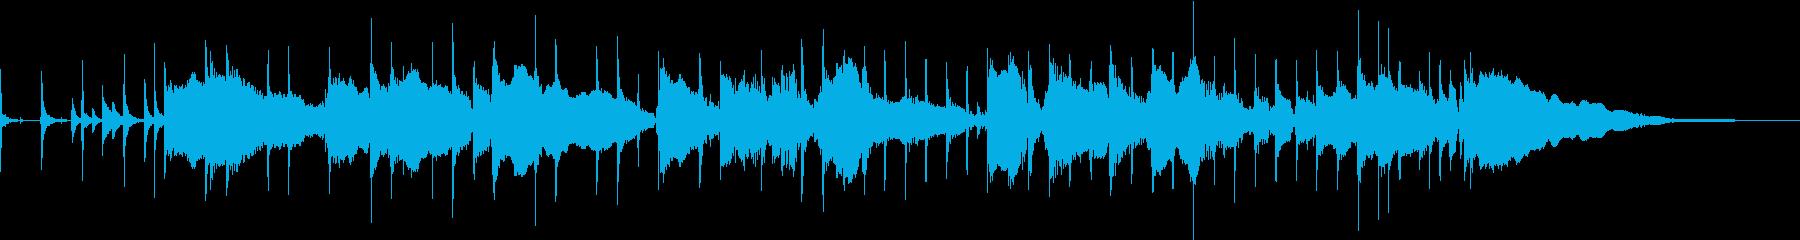 バンドサウンドのブルージーで爽やかOP曲の再生済みの波形